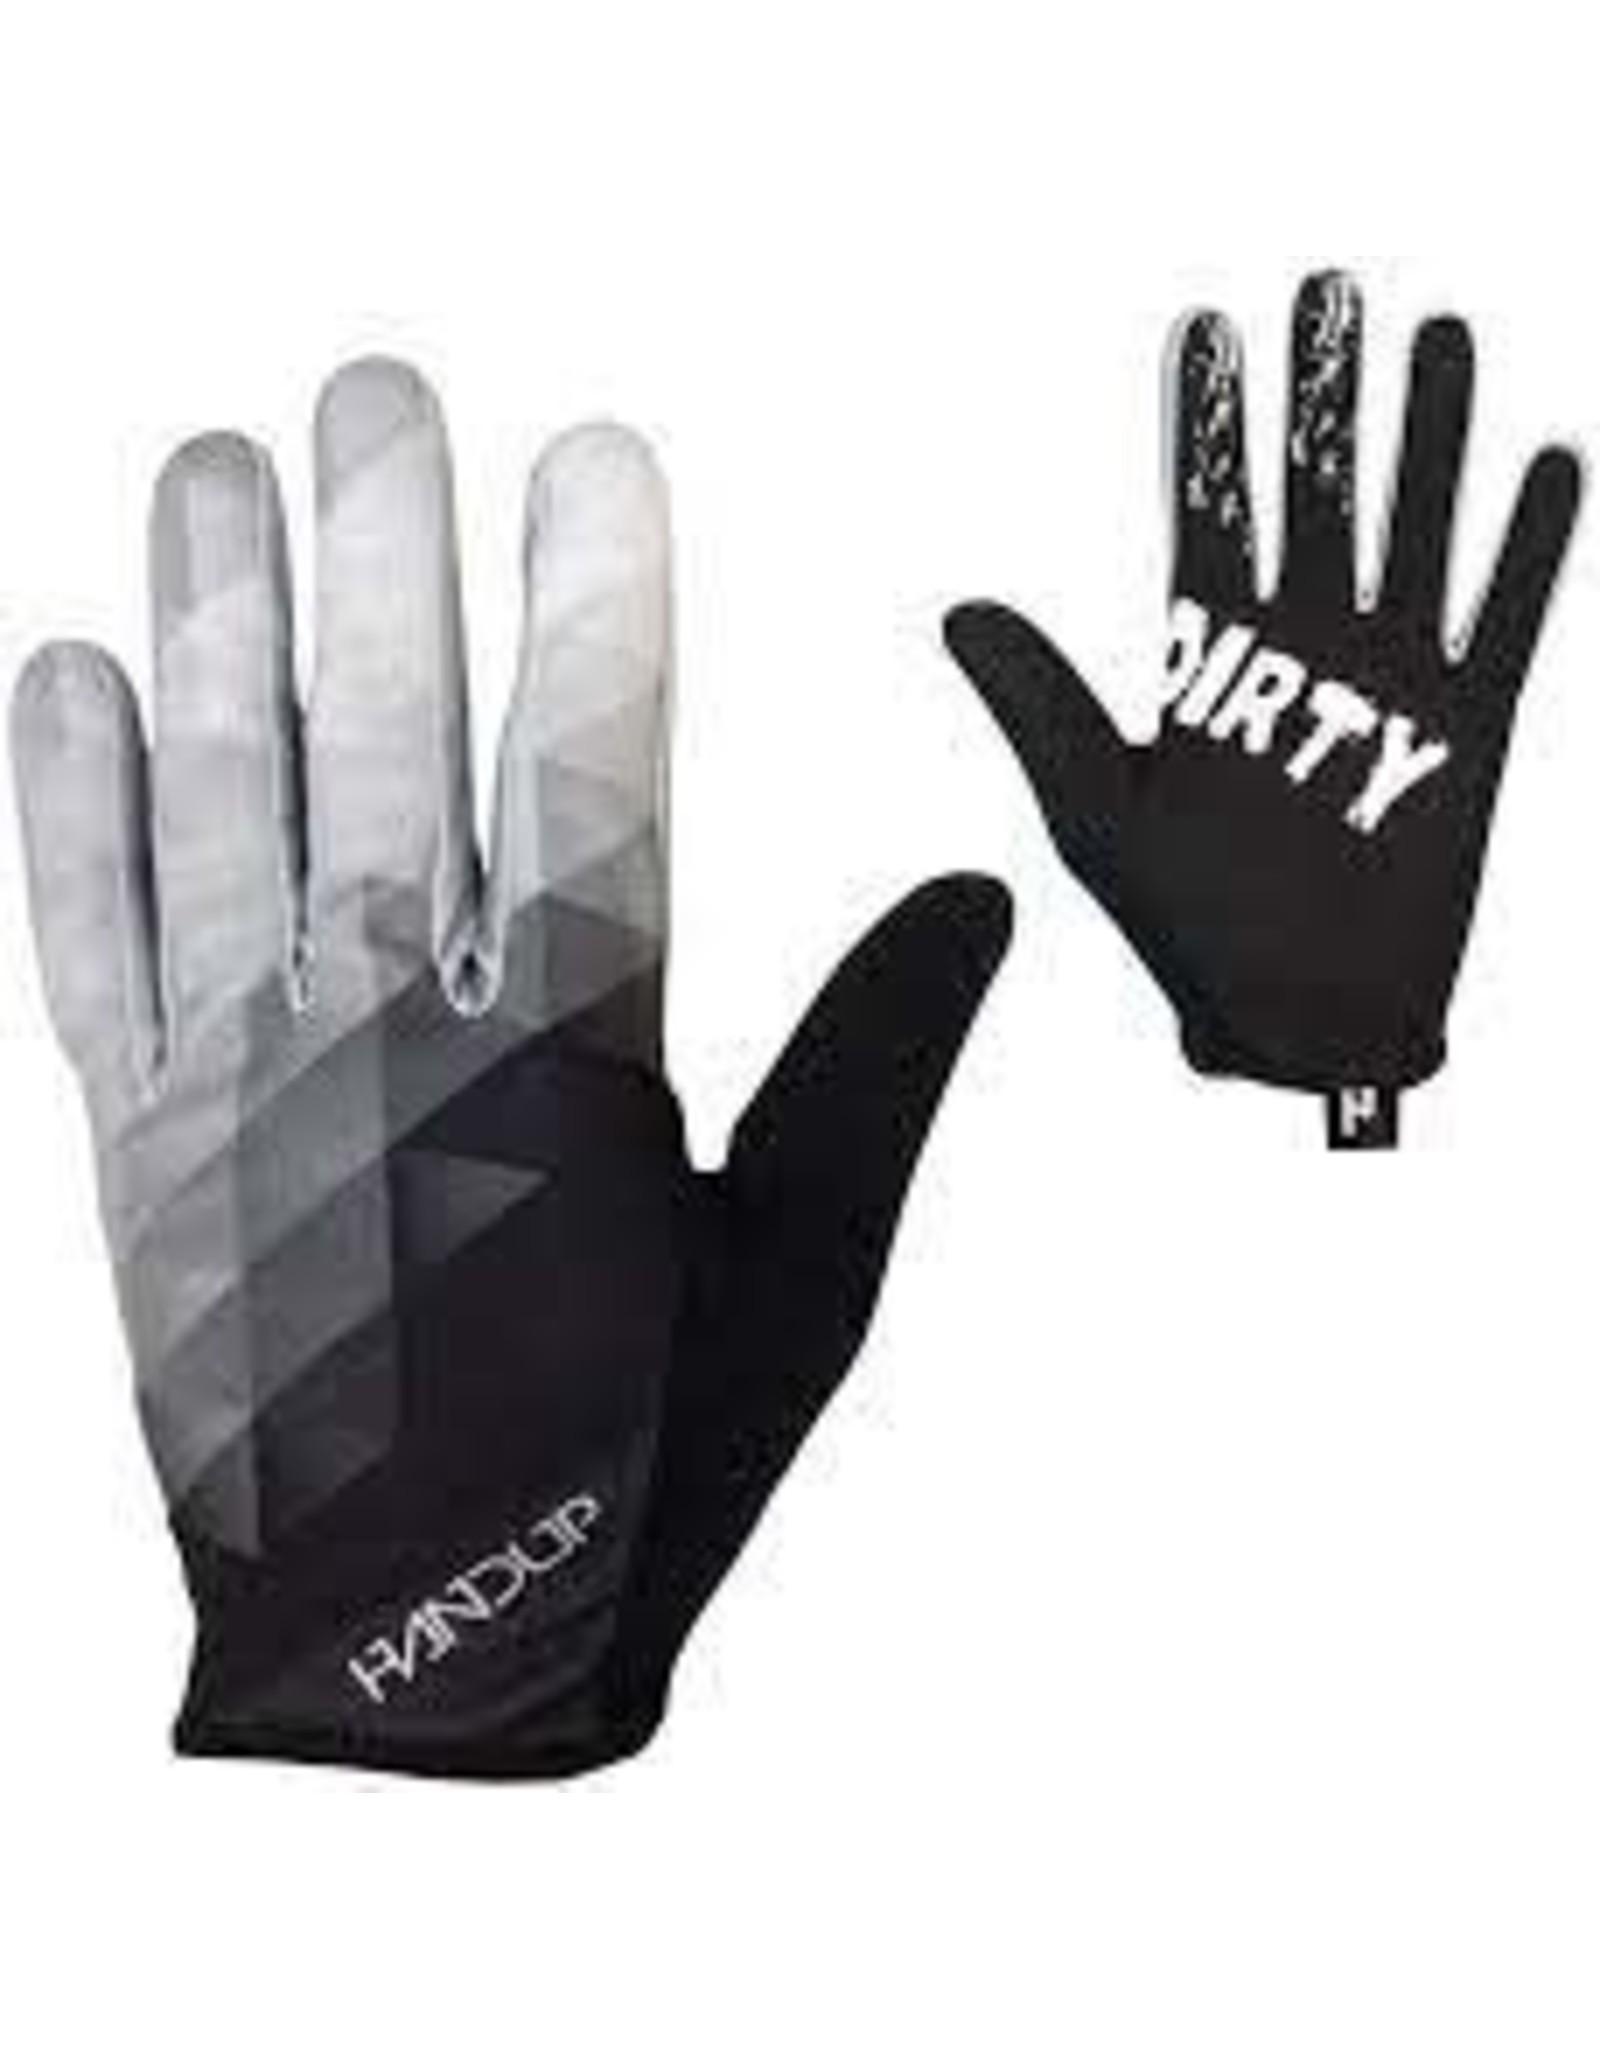 Handup Gloves Glove Handup Prizm Blk/Wht Medium